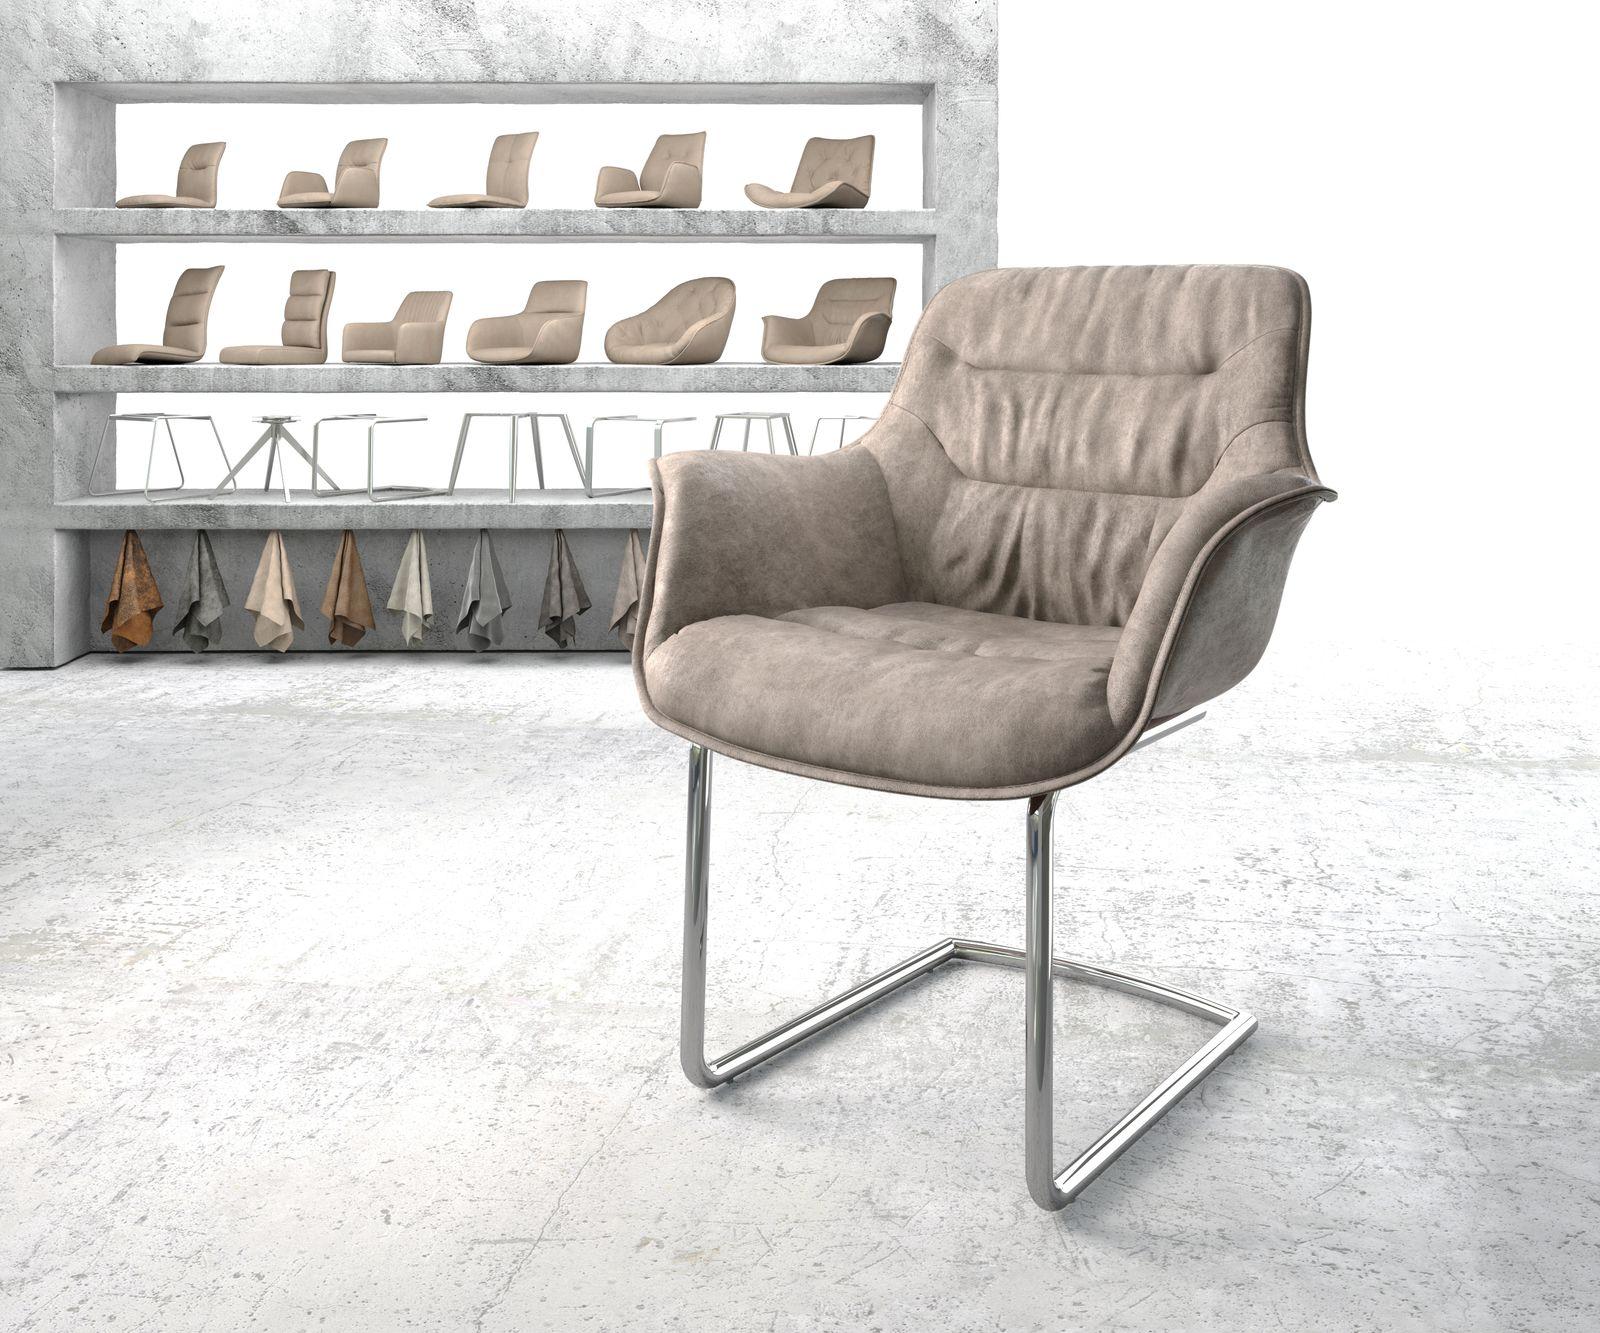 delife-armlehnstuhl-kaira-flex-taupe-vintage-freischwinger-rund-verchromt-esszimmerstuhle